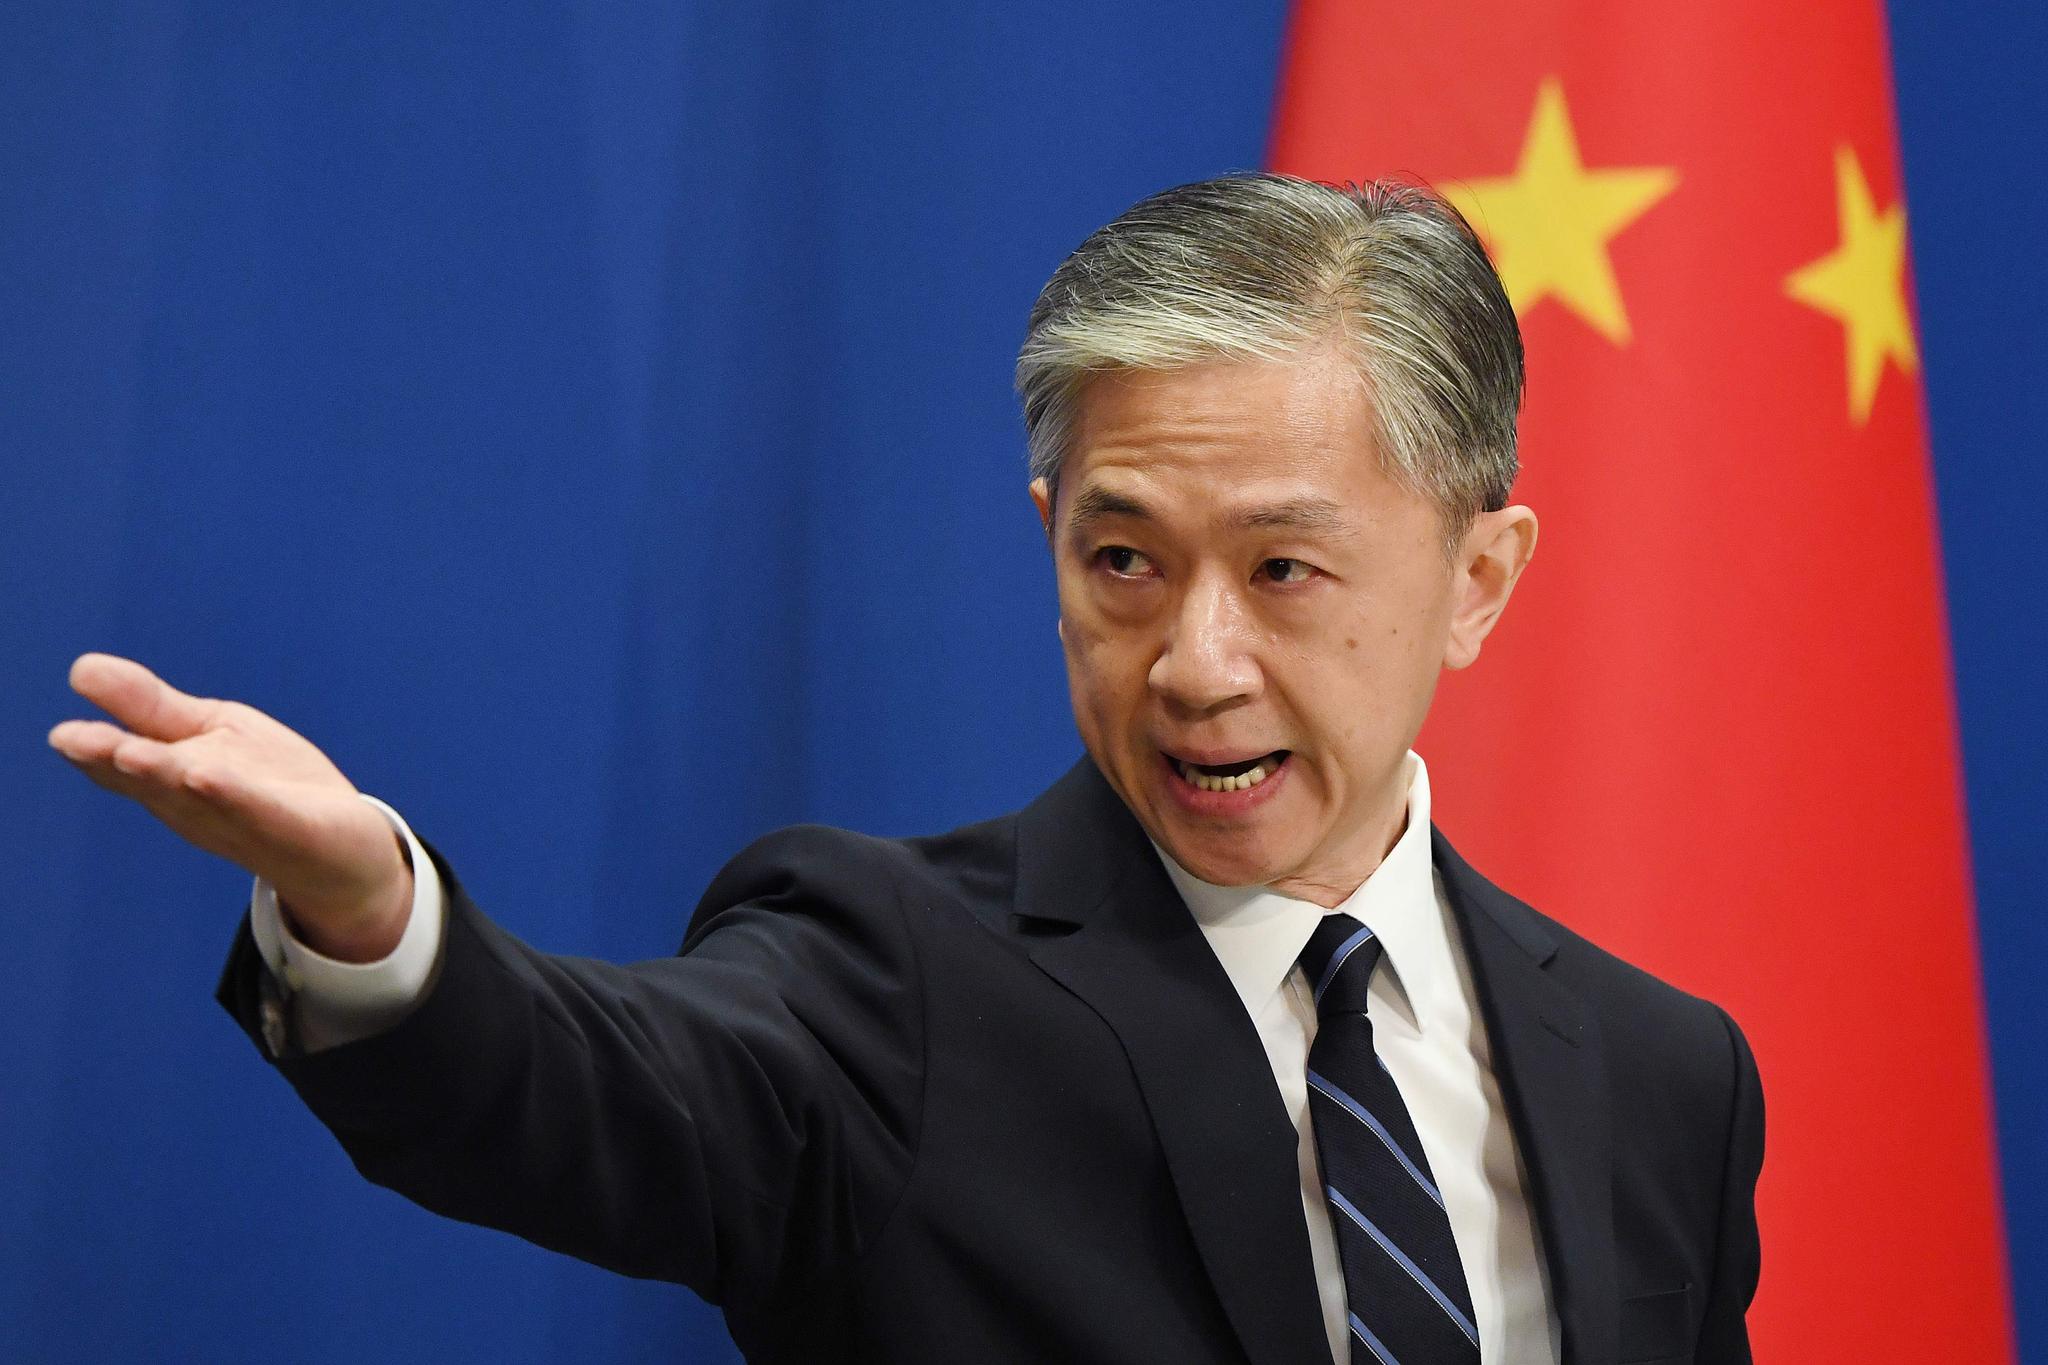 왕원빈(汪文斌) 중국 외교부 대변인. AFP=연합뉴스